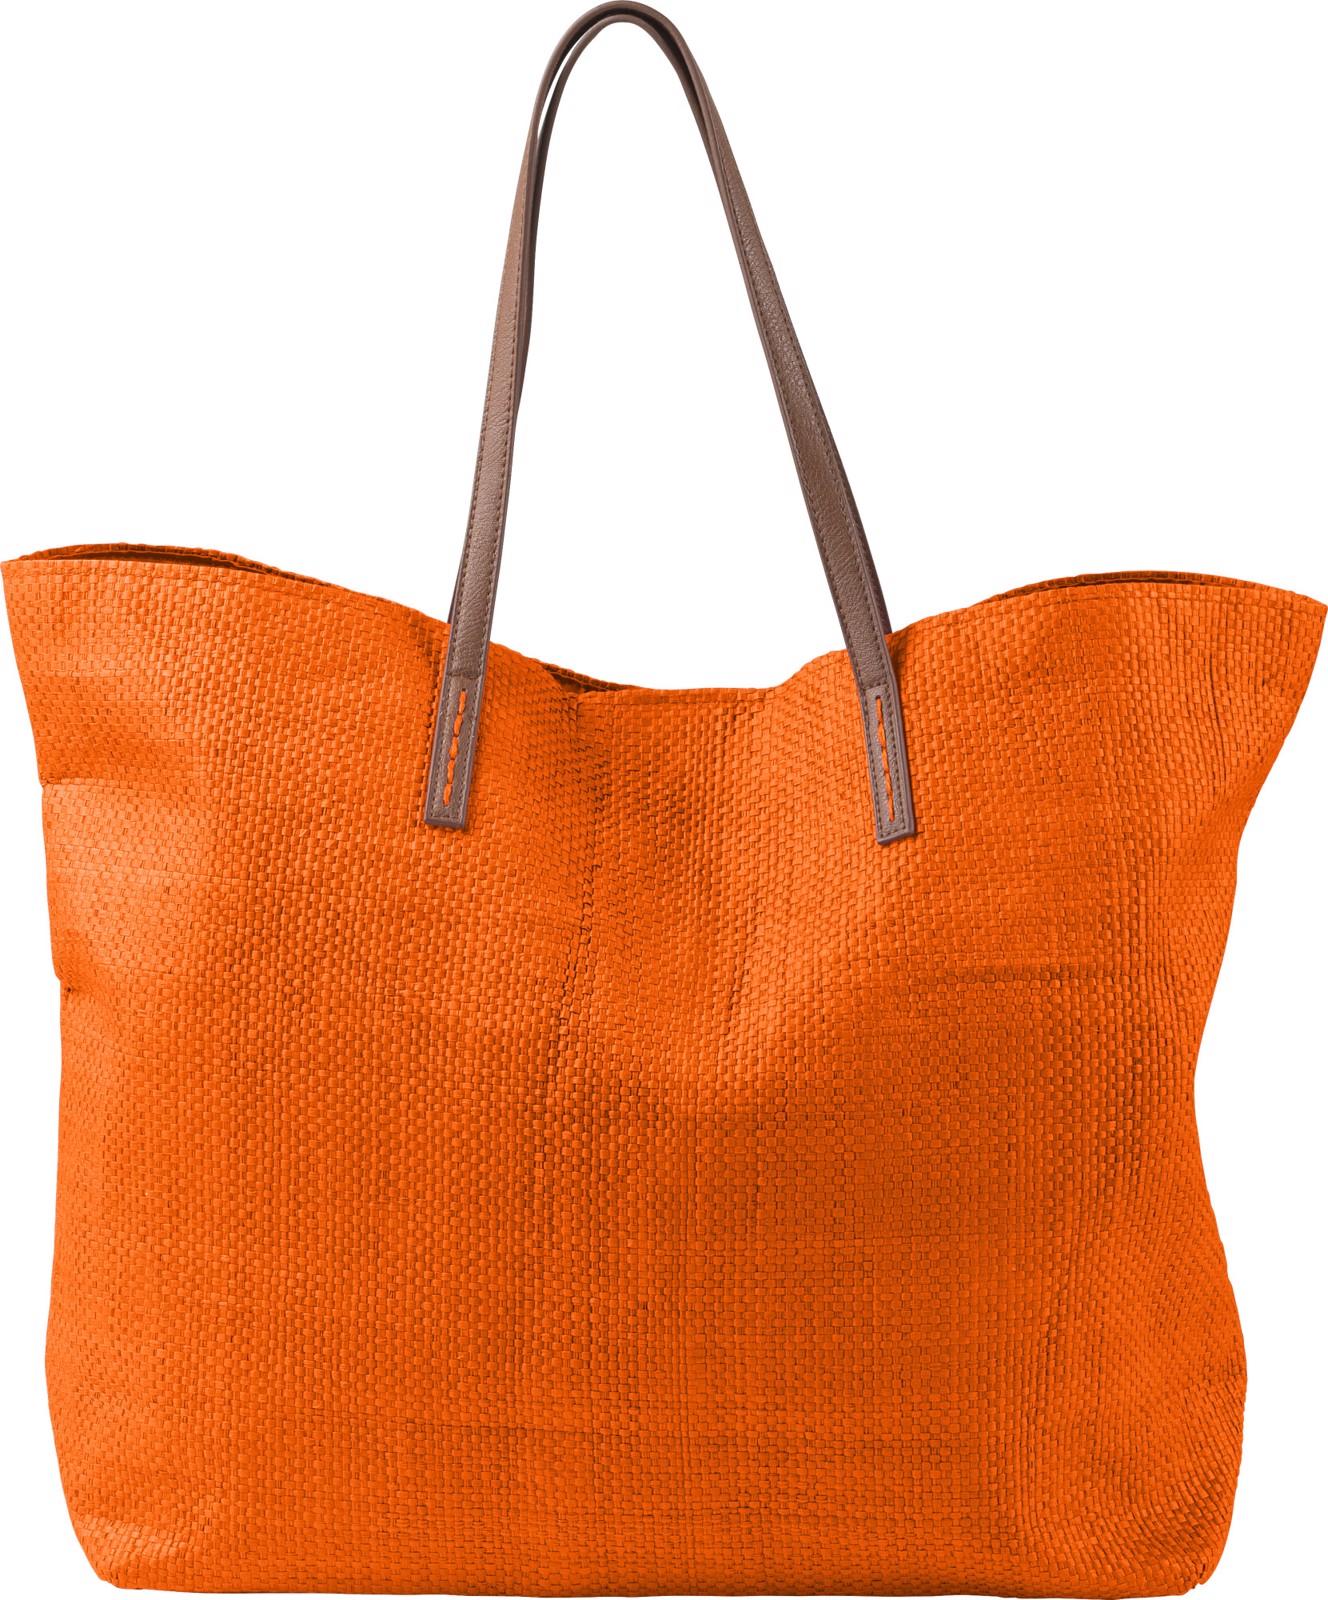 Laminated nonwoven (180 gr/m²) beach bag - Orange